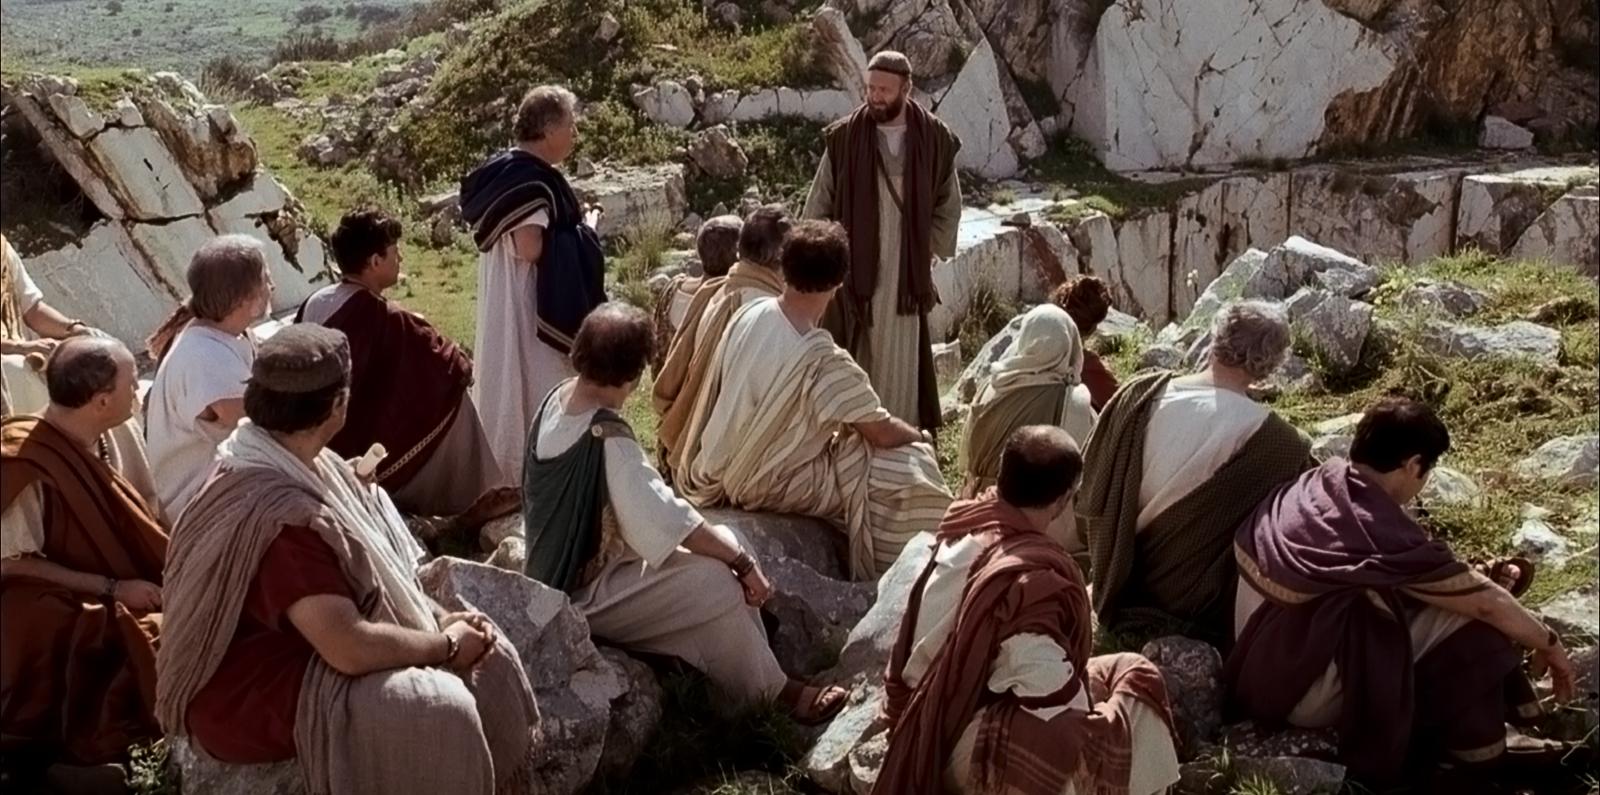 Paul teaches Athenians about Jesus Christ.